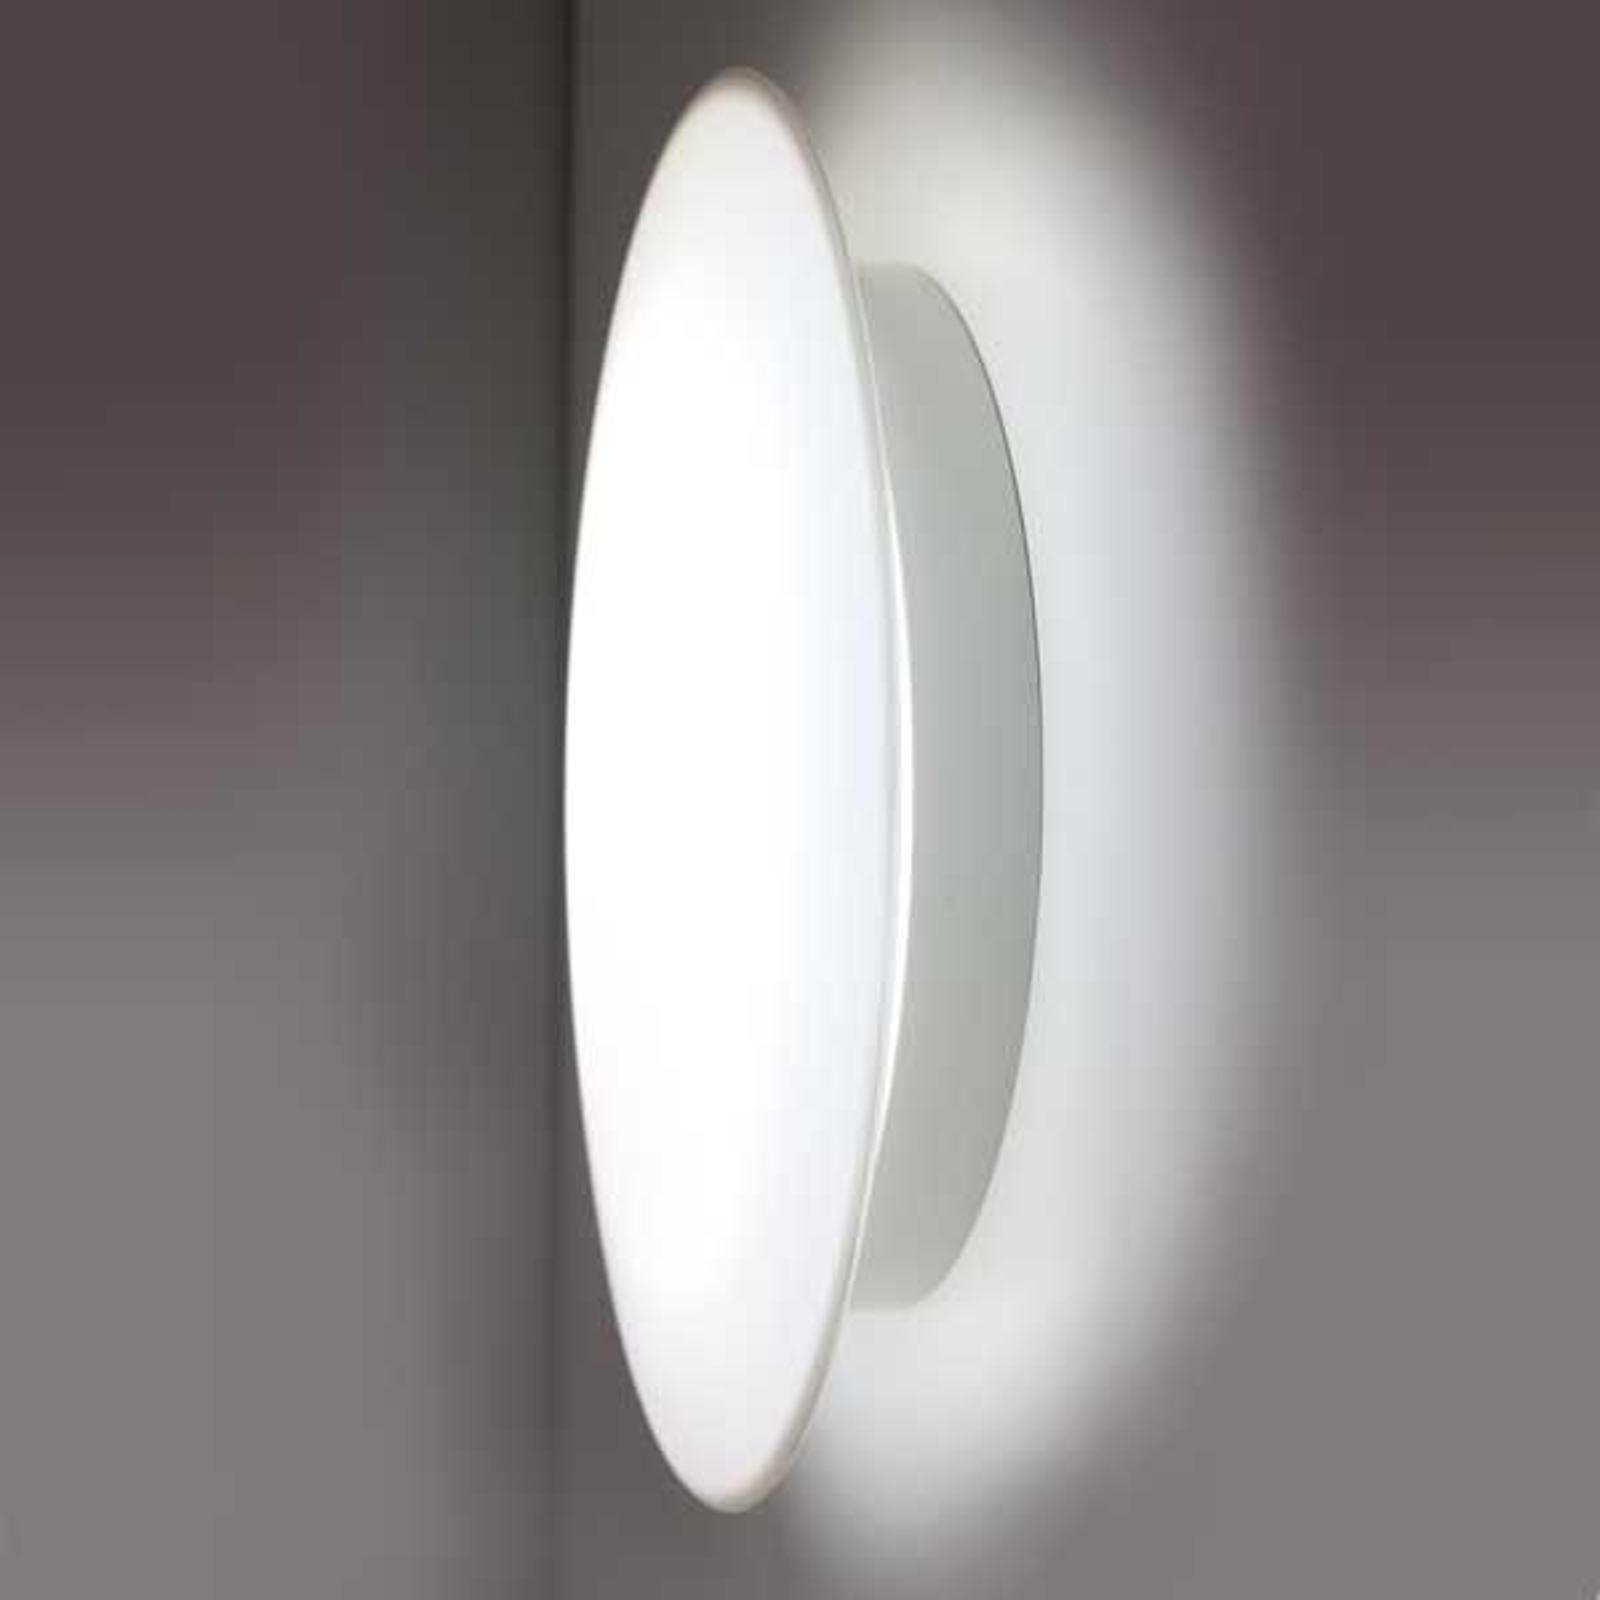 SUN 3 LED lampa för framtiden   Lamp24.se